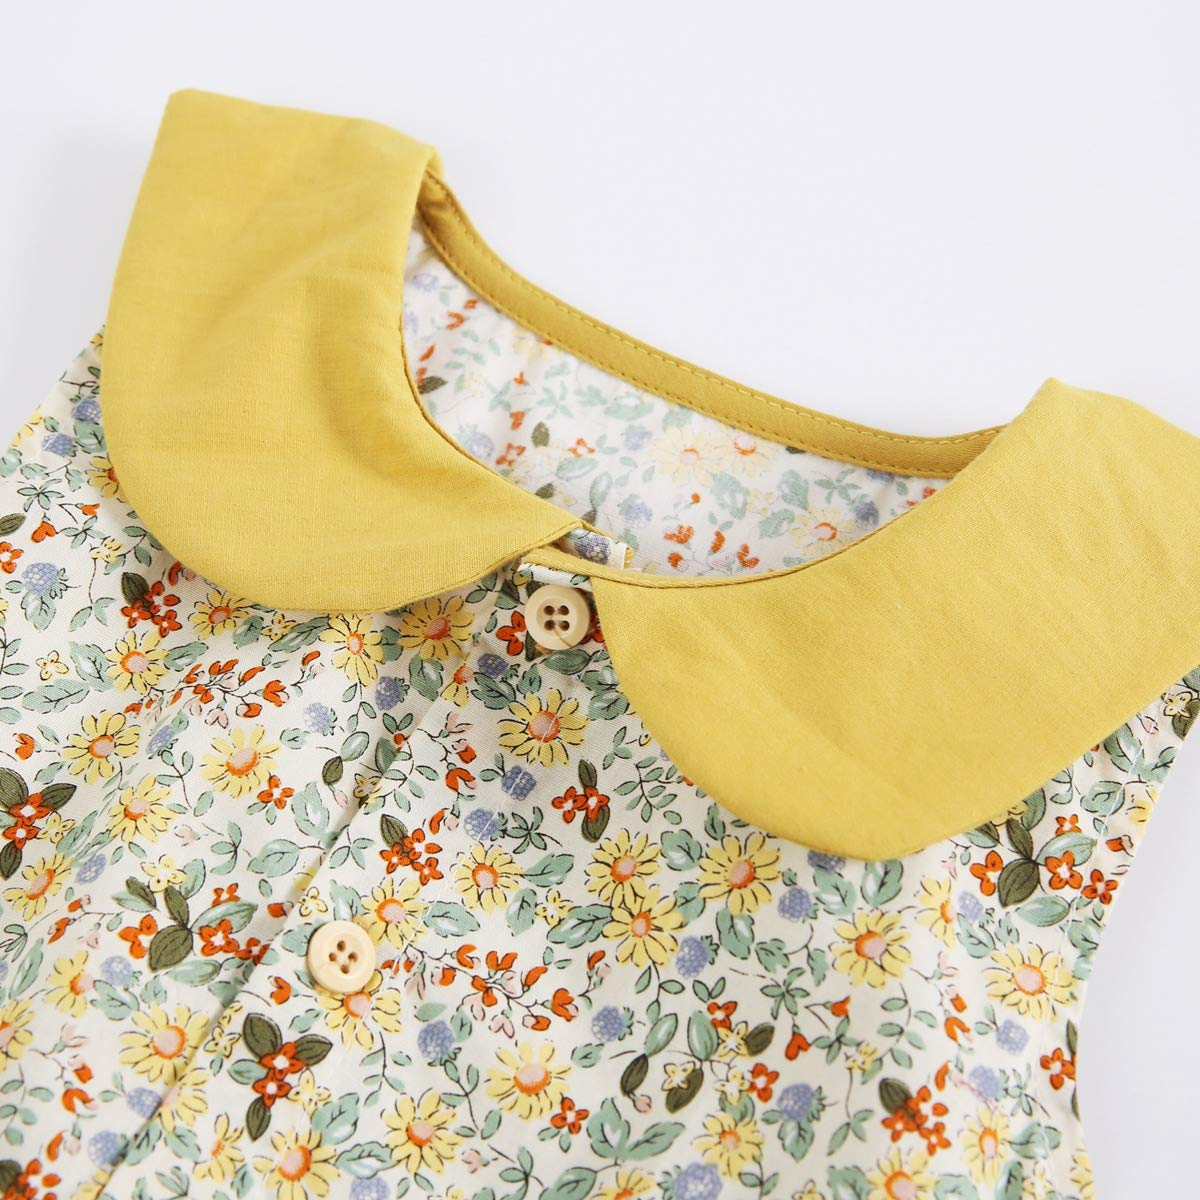 Sanlutoz Neugeborene Blumendruck Babyspielanzug Baumwolle Baby M/ädchen Einteilige Kleidung